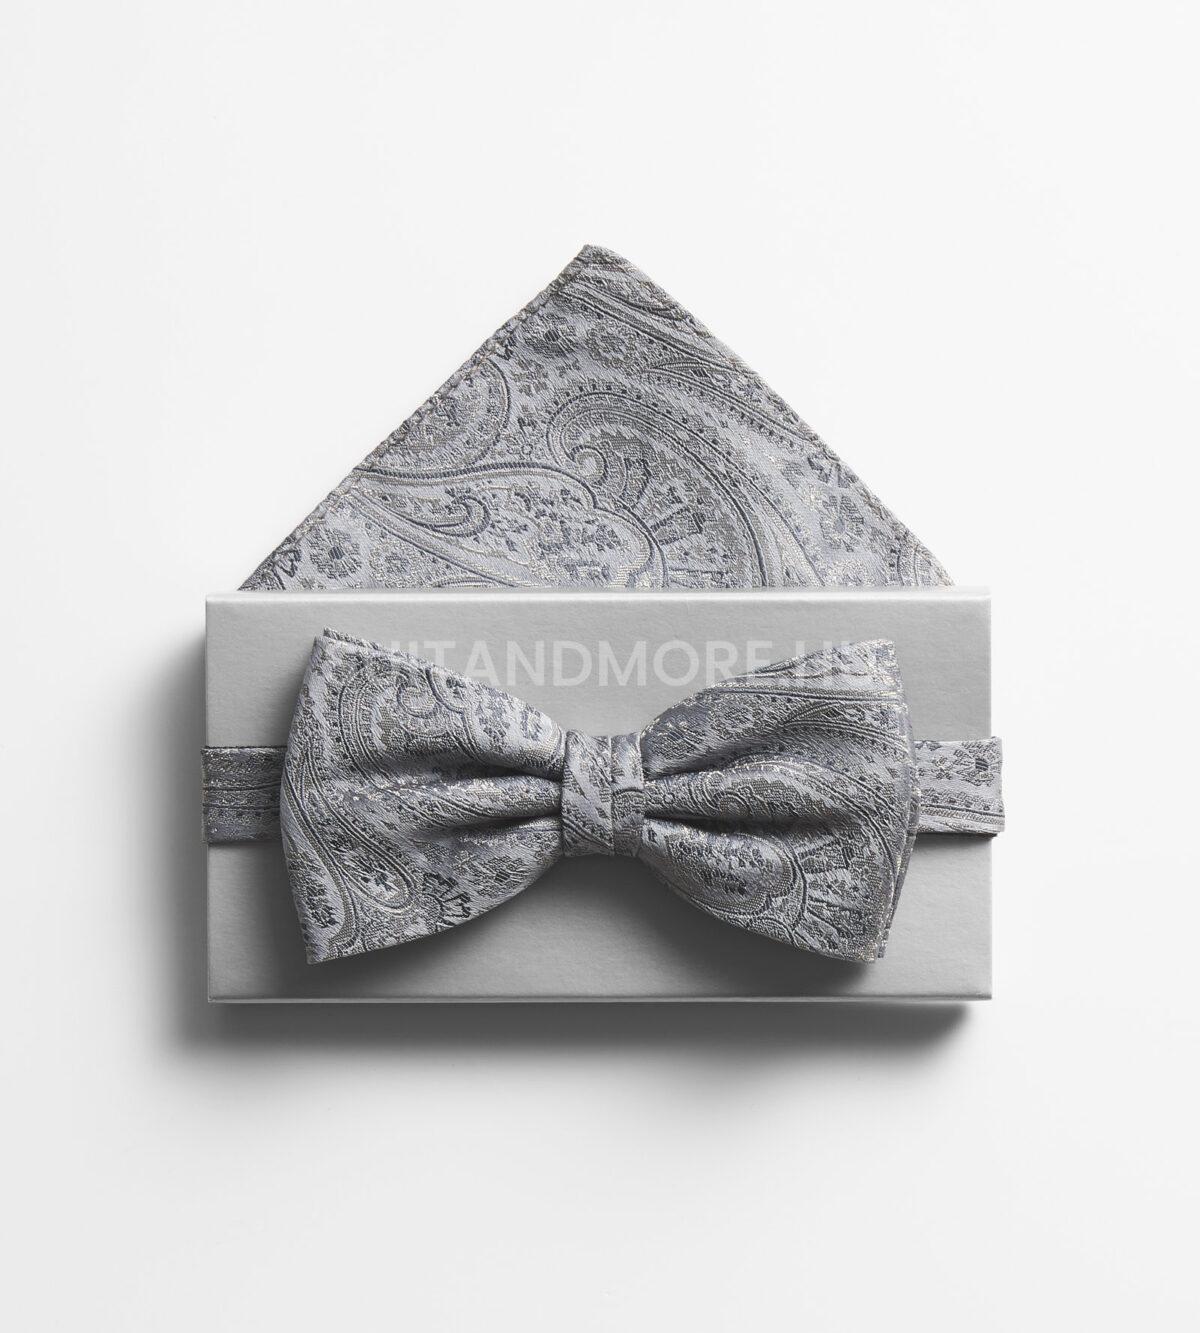 DIGEL-szürke-paisley-mintás-csokornyakkendő-szett-díszzsebkendővel-LESS-1008910-46-02